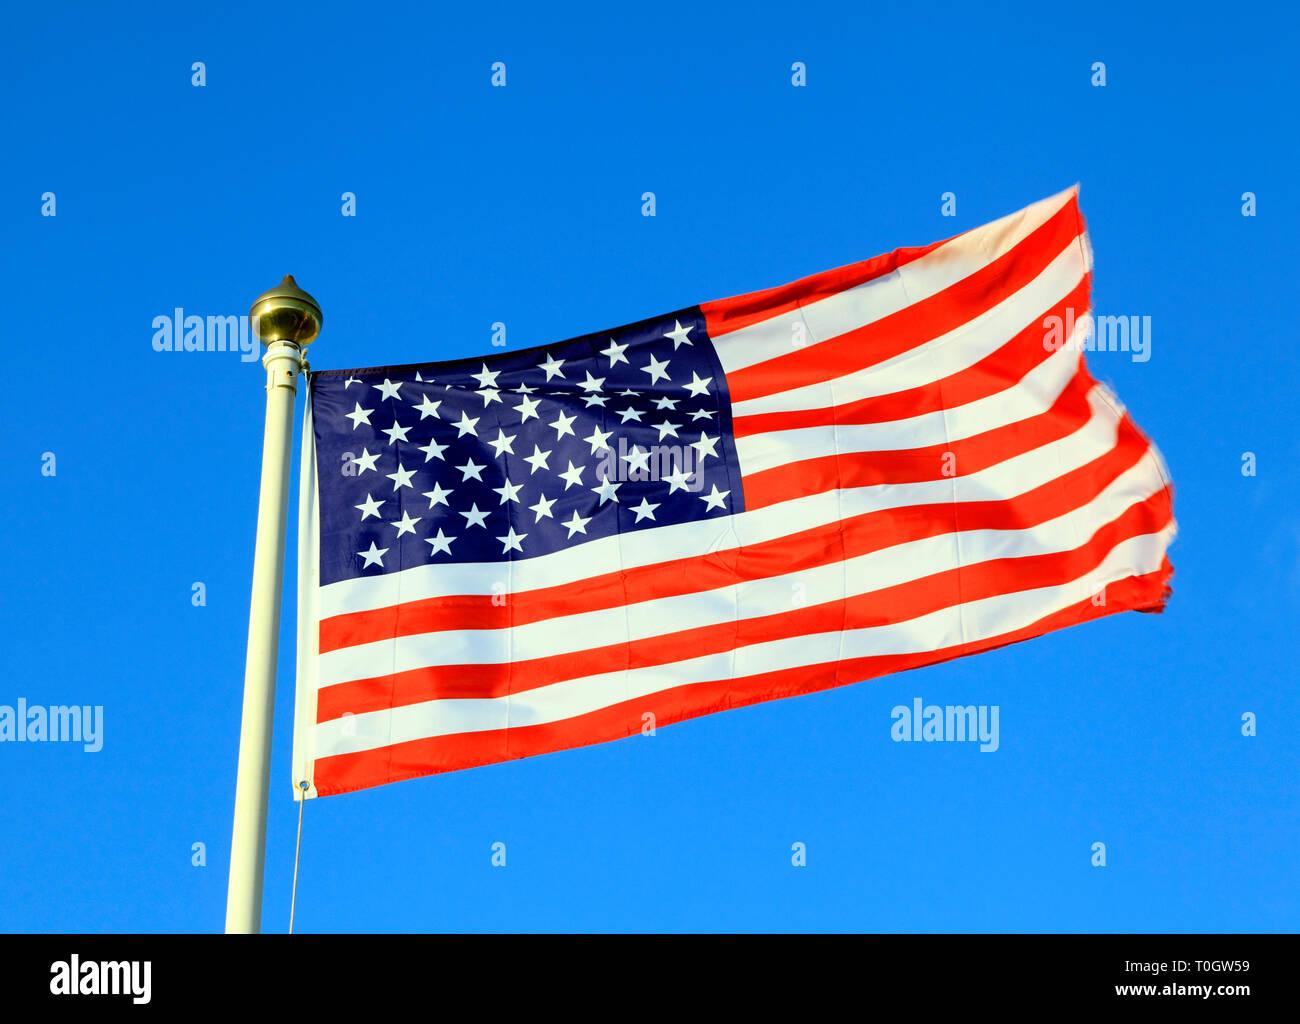 USA Flag, Stars and Stripes - Stock Image